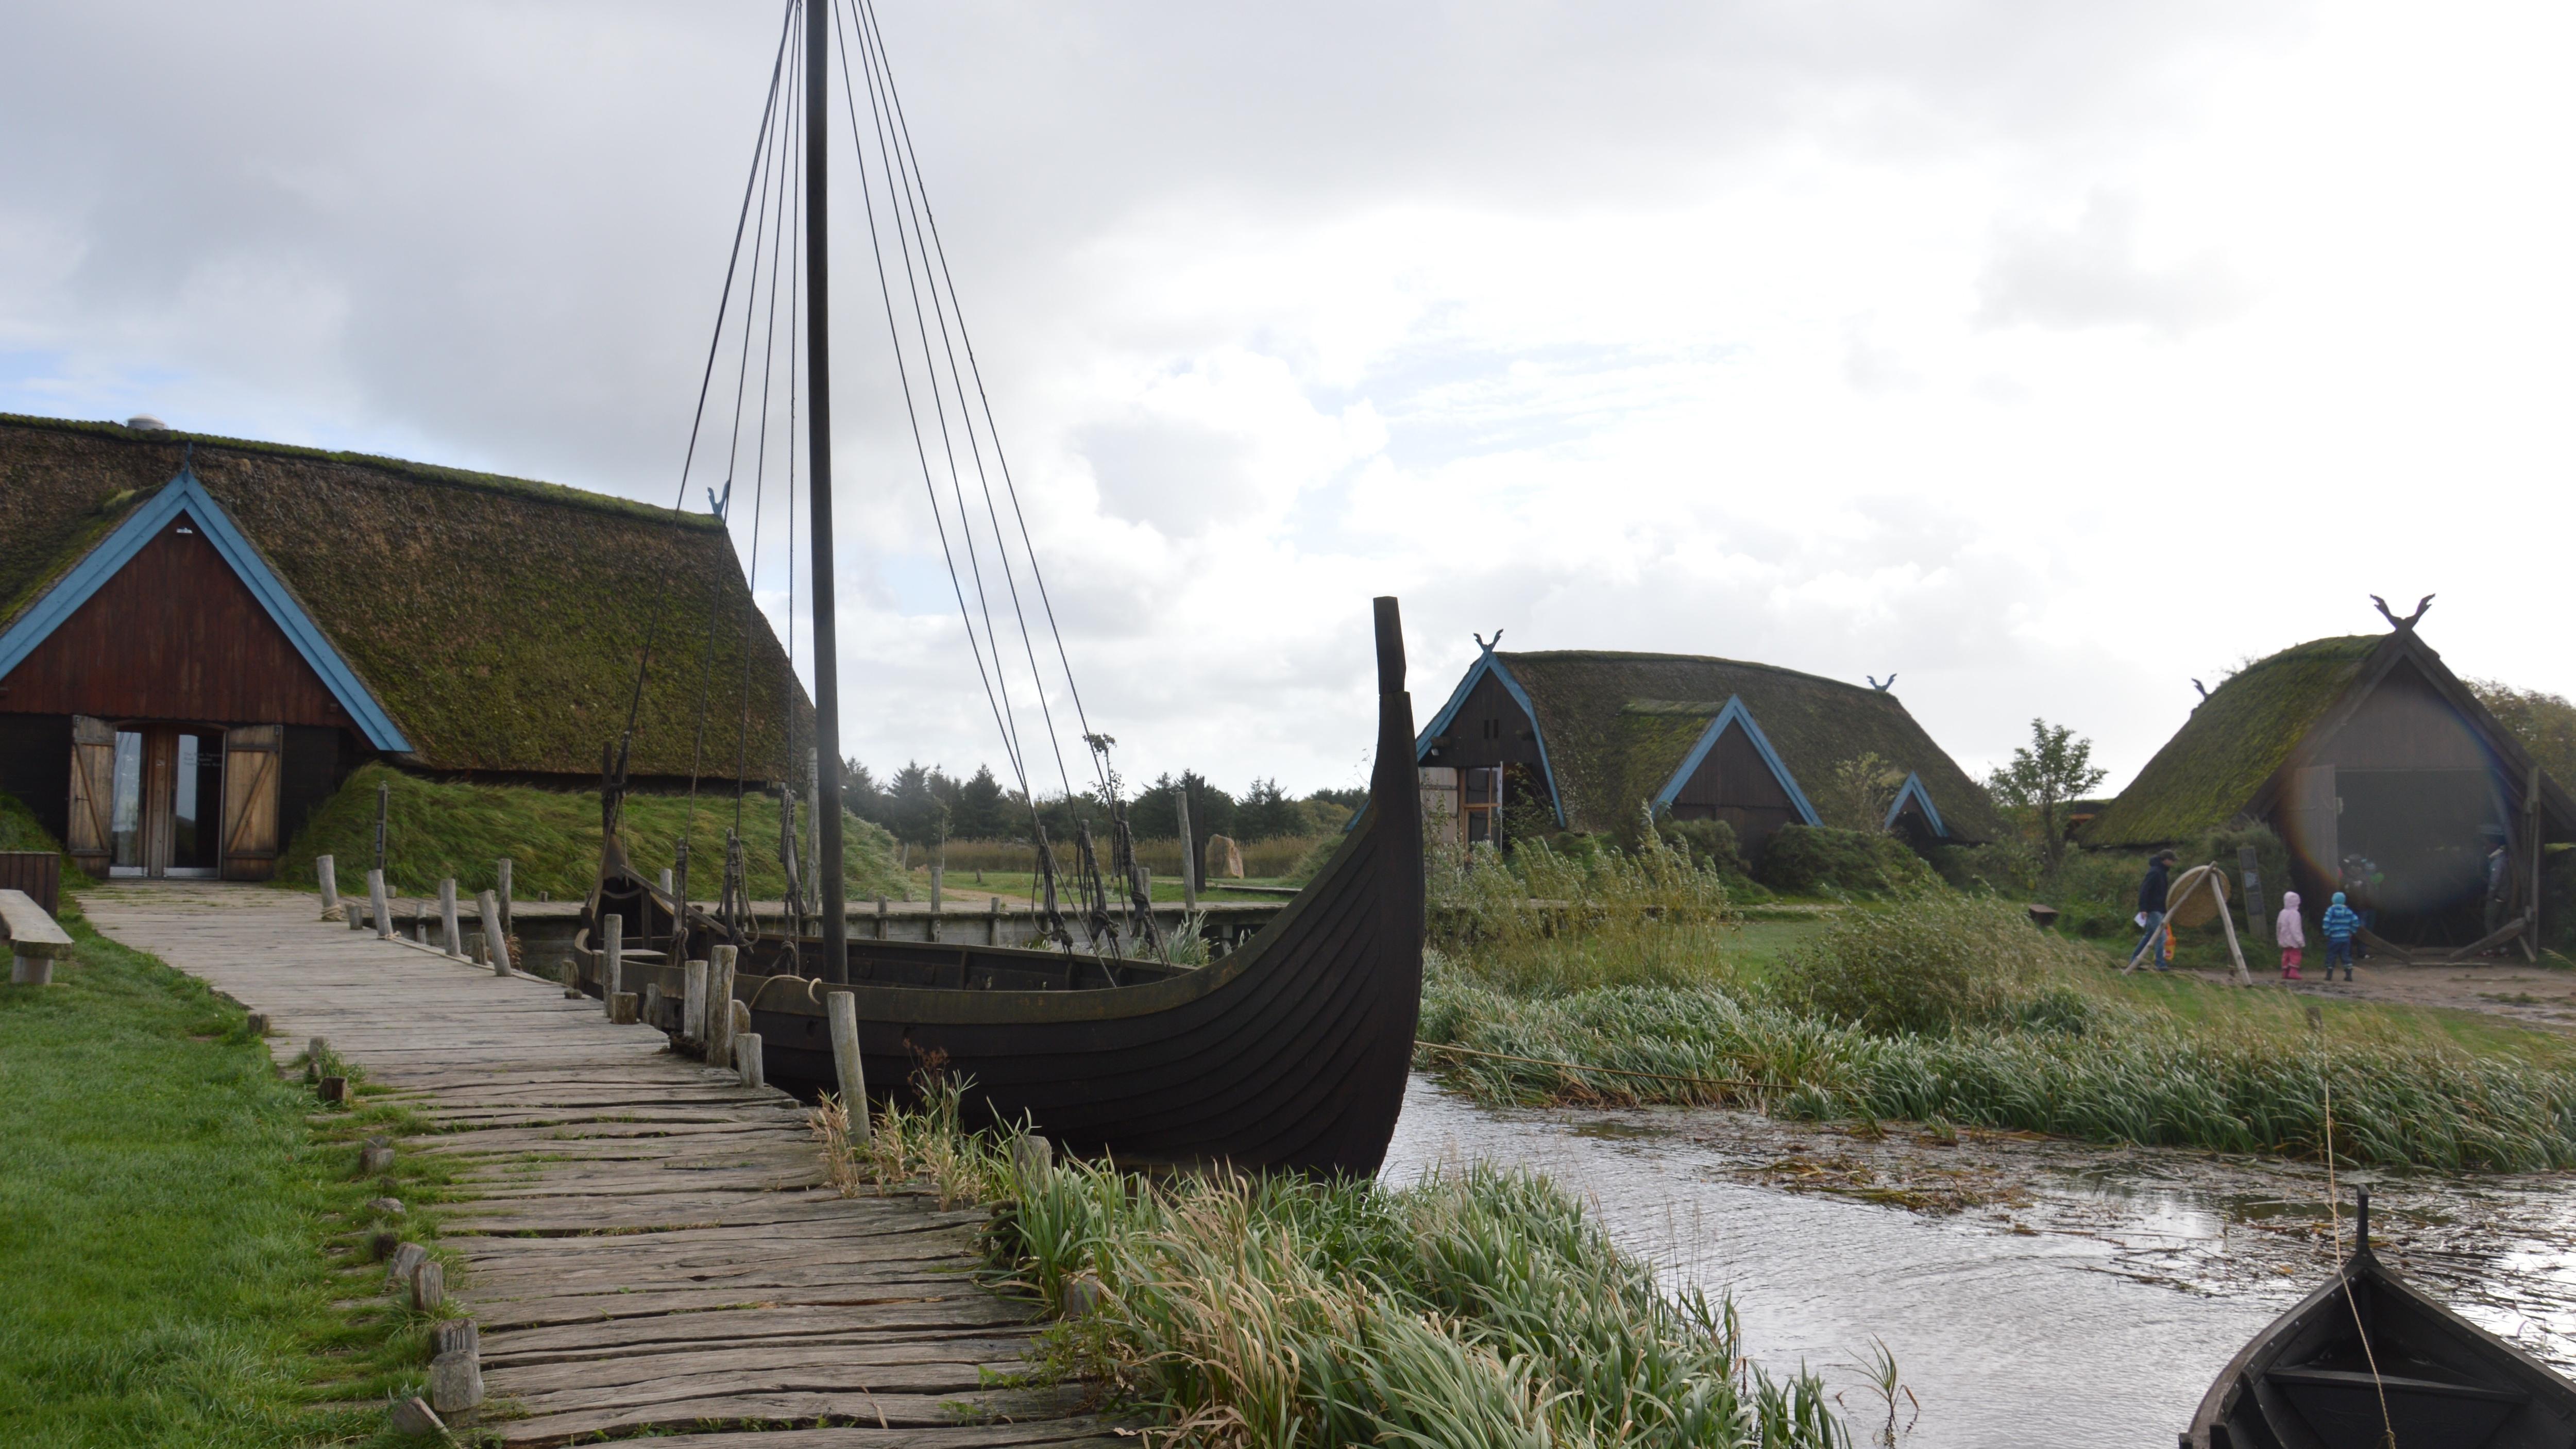 Familienurlaub in Hvide Sande und Søndervig: Neben der rauen Natur bietet die Gegend auch einiges für Kinder, wie zum Beispiel das Wikinger Museum in Bork Havn.